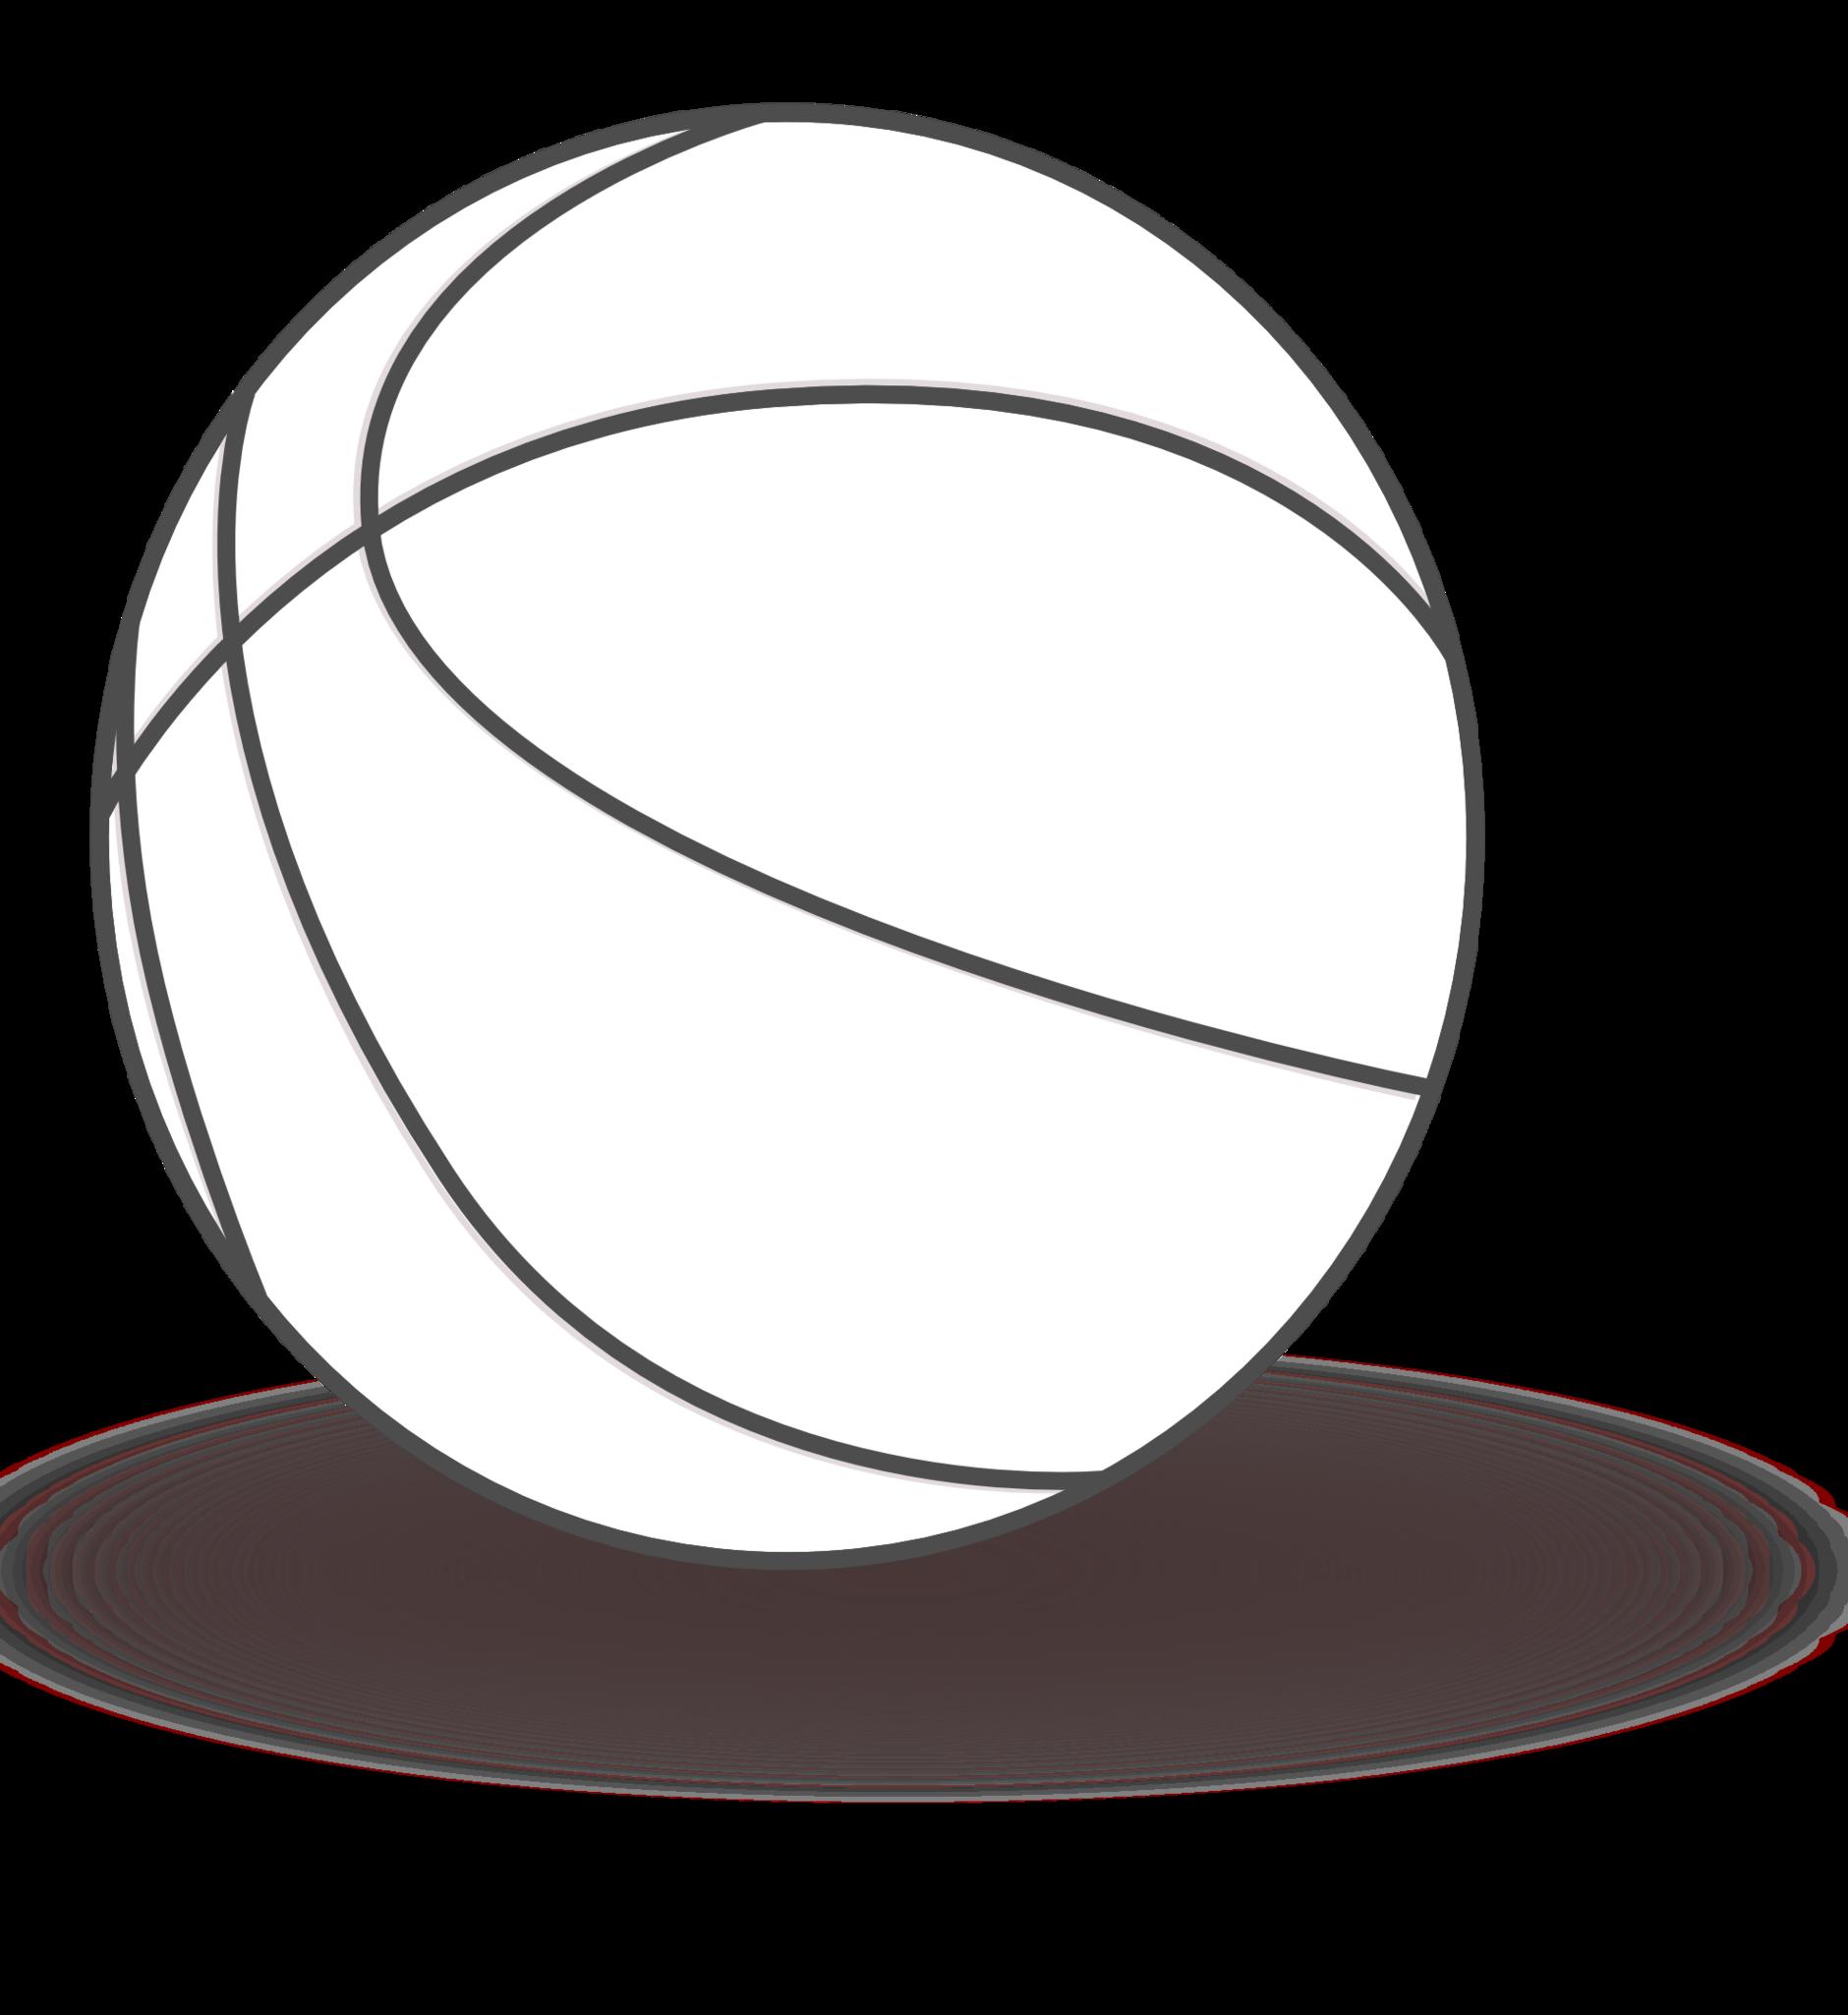 court clipart basketball court